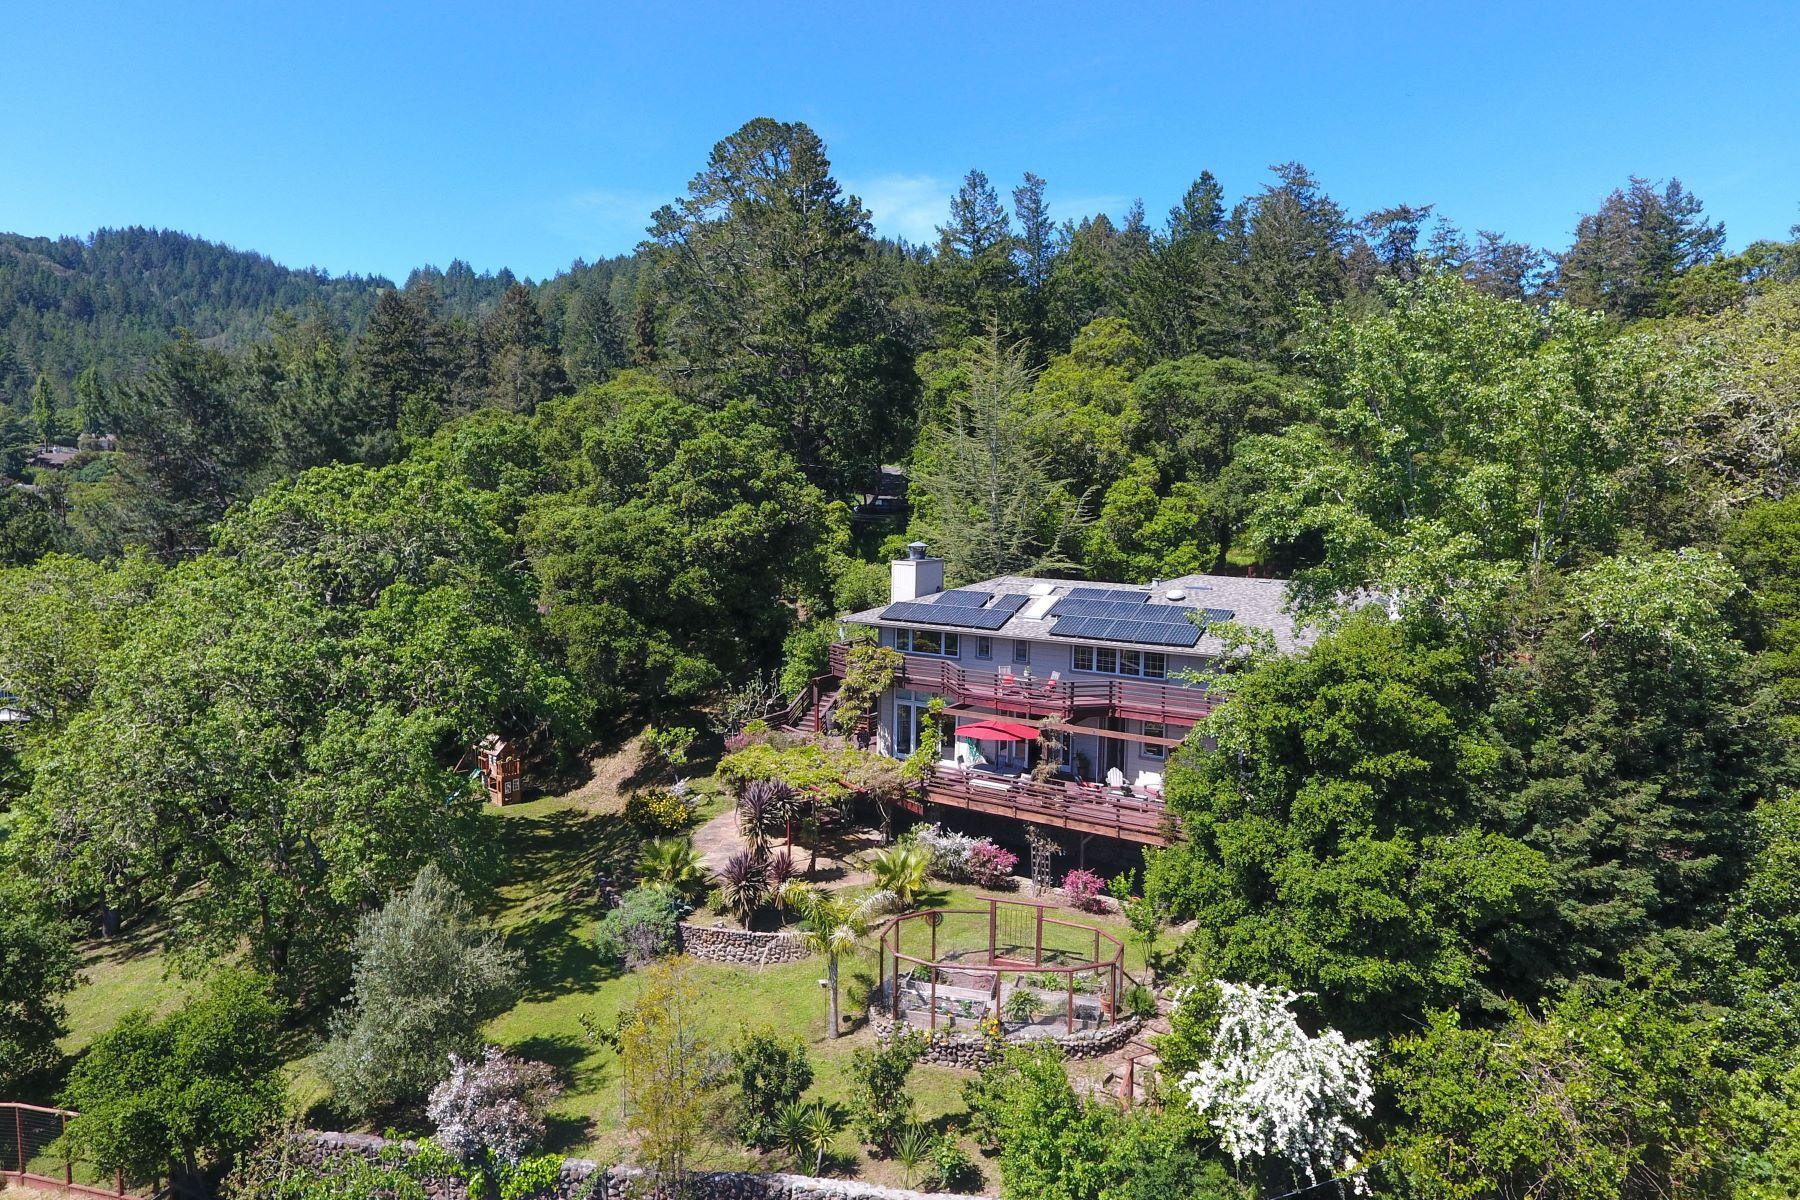 Частный односемейный дом для того Продажа на Country Estate Living at its Finest 17 Madrone Ave Woodacre, Калифорния 94973 Соединенные Штаты